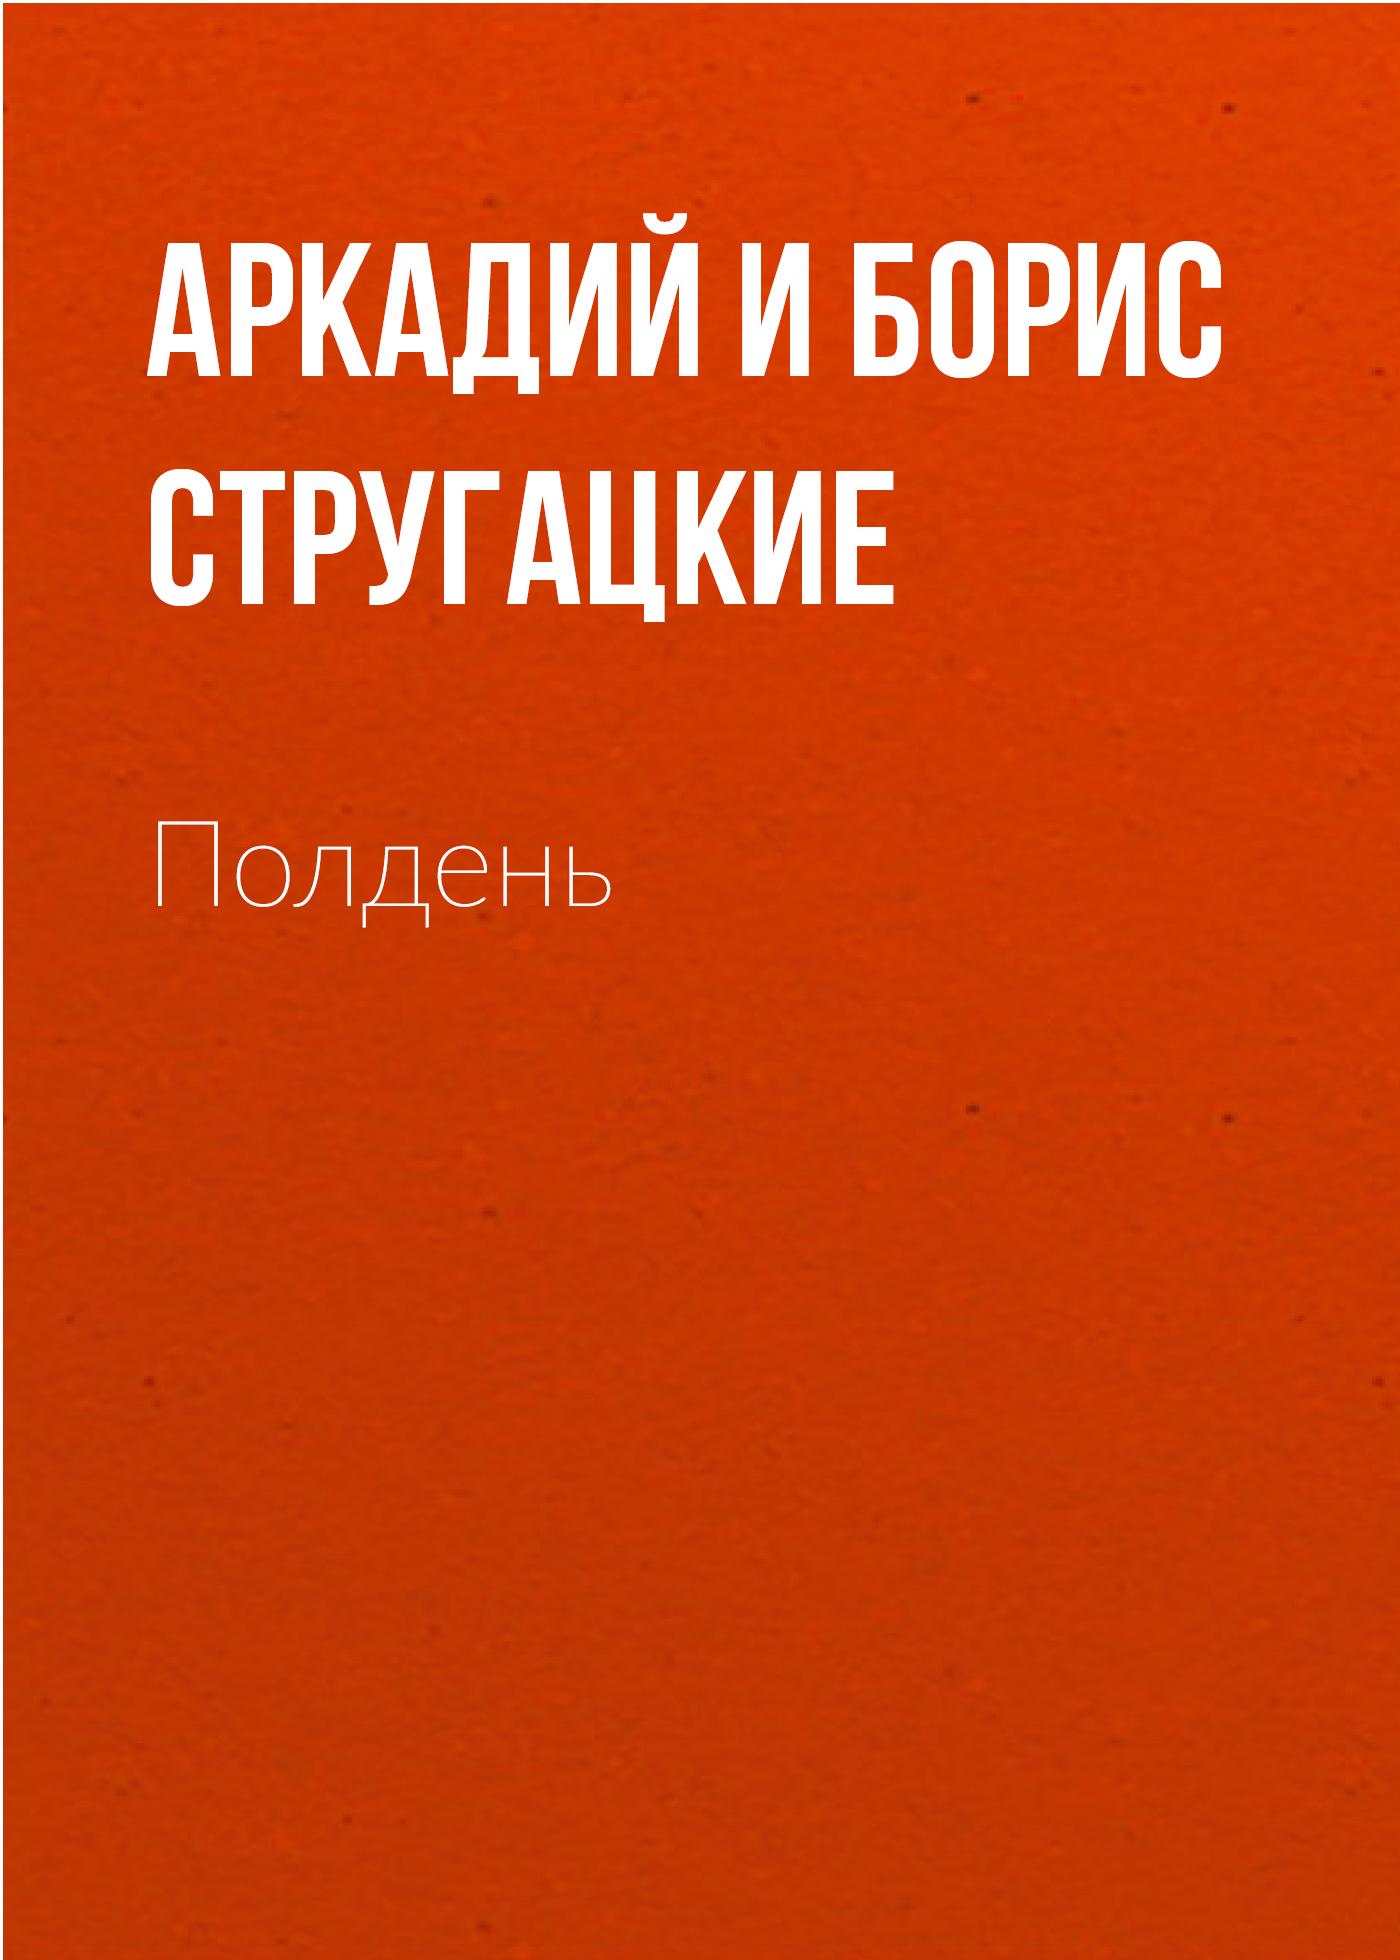 Аркадий и Борис Стругацкие «Полдень, XXII век»